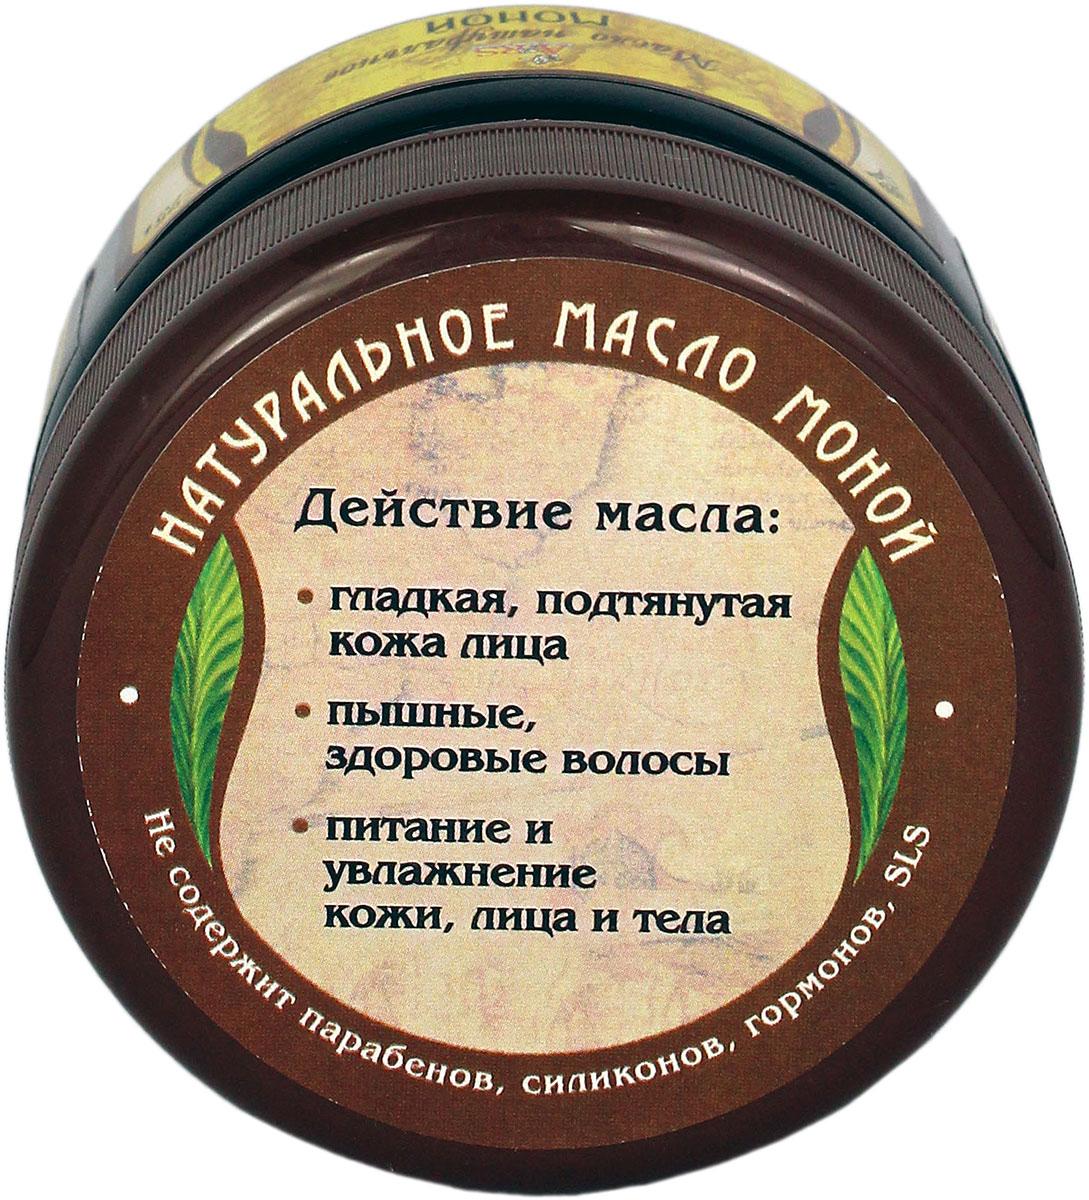 ARS Масло натуральное Моной, 75 гFS-00897Народном таитянском языке масло Моной переводится как священное масло.Масло Моной– это результат анфлеража, или искусства извлечения активных и ароматических компонентов, мягко размачивая цветы в очищенном кокосовом масле. Этой технике приготовления масла почти 2000 лет.Цветок Тиаре (Tiare Flower) Gardenia Taitensis - известный своими целебными свойствами, являетсяключевым ингредиентом в приготовлении масла Моной.Эфирное масло Тиаре богато множеством активных веществ, которые сохраняются в масле. С помощью цветов лечат мигрени, раны, кожные заболевания.Масло кокосаявляется превосходным средством для увлажнения и питания сухой, раздраженной, чувствительной кожи. Также оно образует защитную пленку на поверхности кожи, предотвращая обезвоживание, раздражение кожи, возникающее от воздействия неблагоприятных факторов. Впитываясь без остатка, масло великолепно разглаживает поверхность кожи, устраняет мелкие морщинки, обеспечивает коже необходимое питание, делает ее по-настоящему мягкой и упругой.Масло кокоса способно по-настоящему защитить волосы во время и после мытья. Онообволакивает каждый волосок,защищает от ломкости во время расчесывания влажных волос. А также отлично подходит для массажа.Кокосовое масло богато витаминами, минеральными веществами и микроэлементами. Оно содержит калий, фосфор, магний, витамин Е, витамин С и т.д.Косметические свойствамасла Моной:1. Увлажнение, восстановлениеи защита кожи от воздействия окружающей среды (солнце, ветер, морская соль и т.д.).2. Успокаивающее и очищающее свойство цветков Тиаре. 3. Смягчающее кожу свойство кокосового масла. 4. Восстановлениеповрежденных волос, питание и увлажнение.Хорошопереносится кожей, даже чувствительной.Масло можно использовать днем и вечером, наносить на кожу лица и область вокруг глаз, на любых сухих участках кожи (руки, локти, губы, колени, пятки). Моной быстро впитывается в кожу, не оставляя жирности. Используетсяв качестве маски-кондиционера до мытья волос.